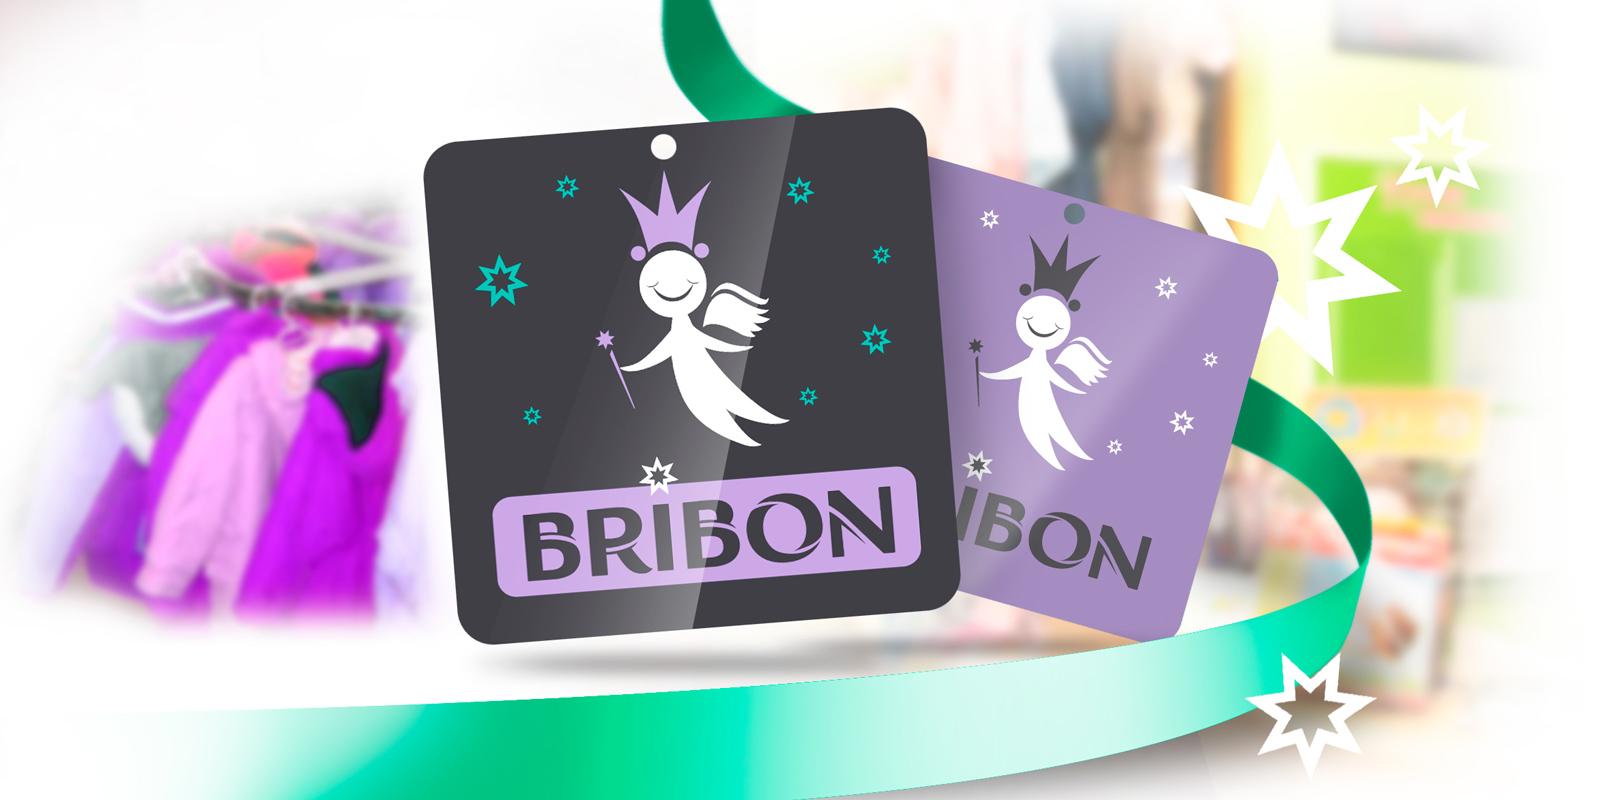 TM Bribon;;;;;;Разработка Логотипа;;;;;;<span>Клиент:</span> TM Bribon;;;;;;;;;;;;Разработка Логотипа;;;;;;1